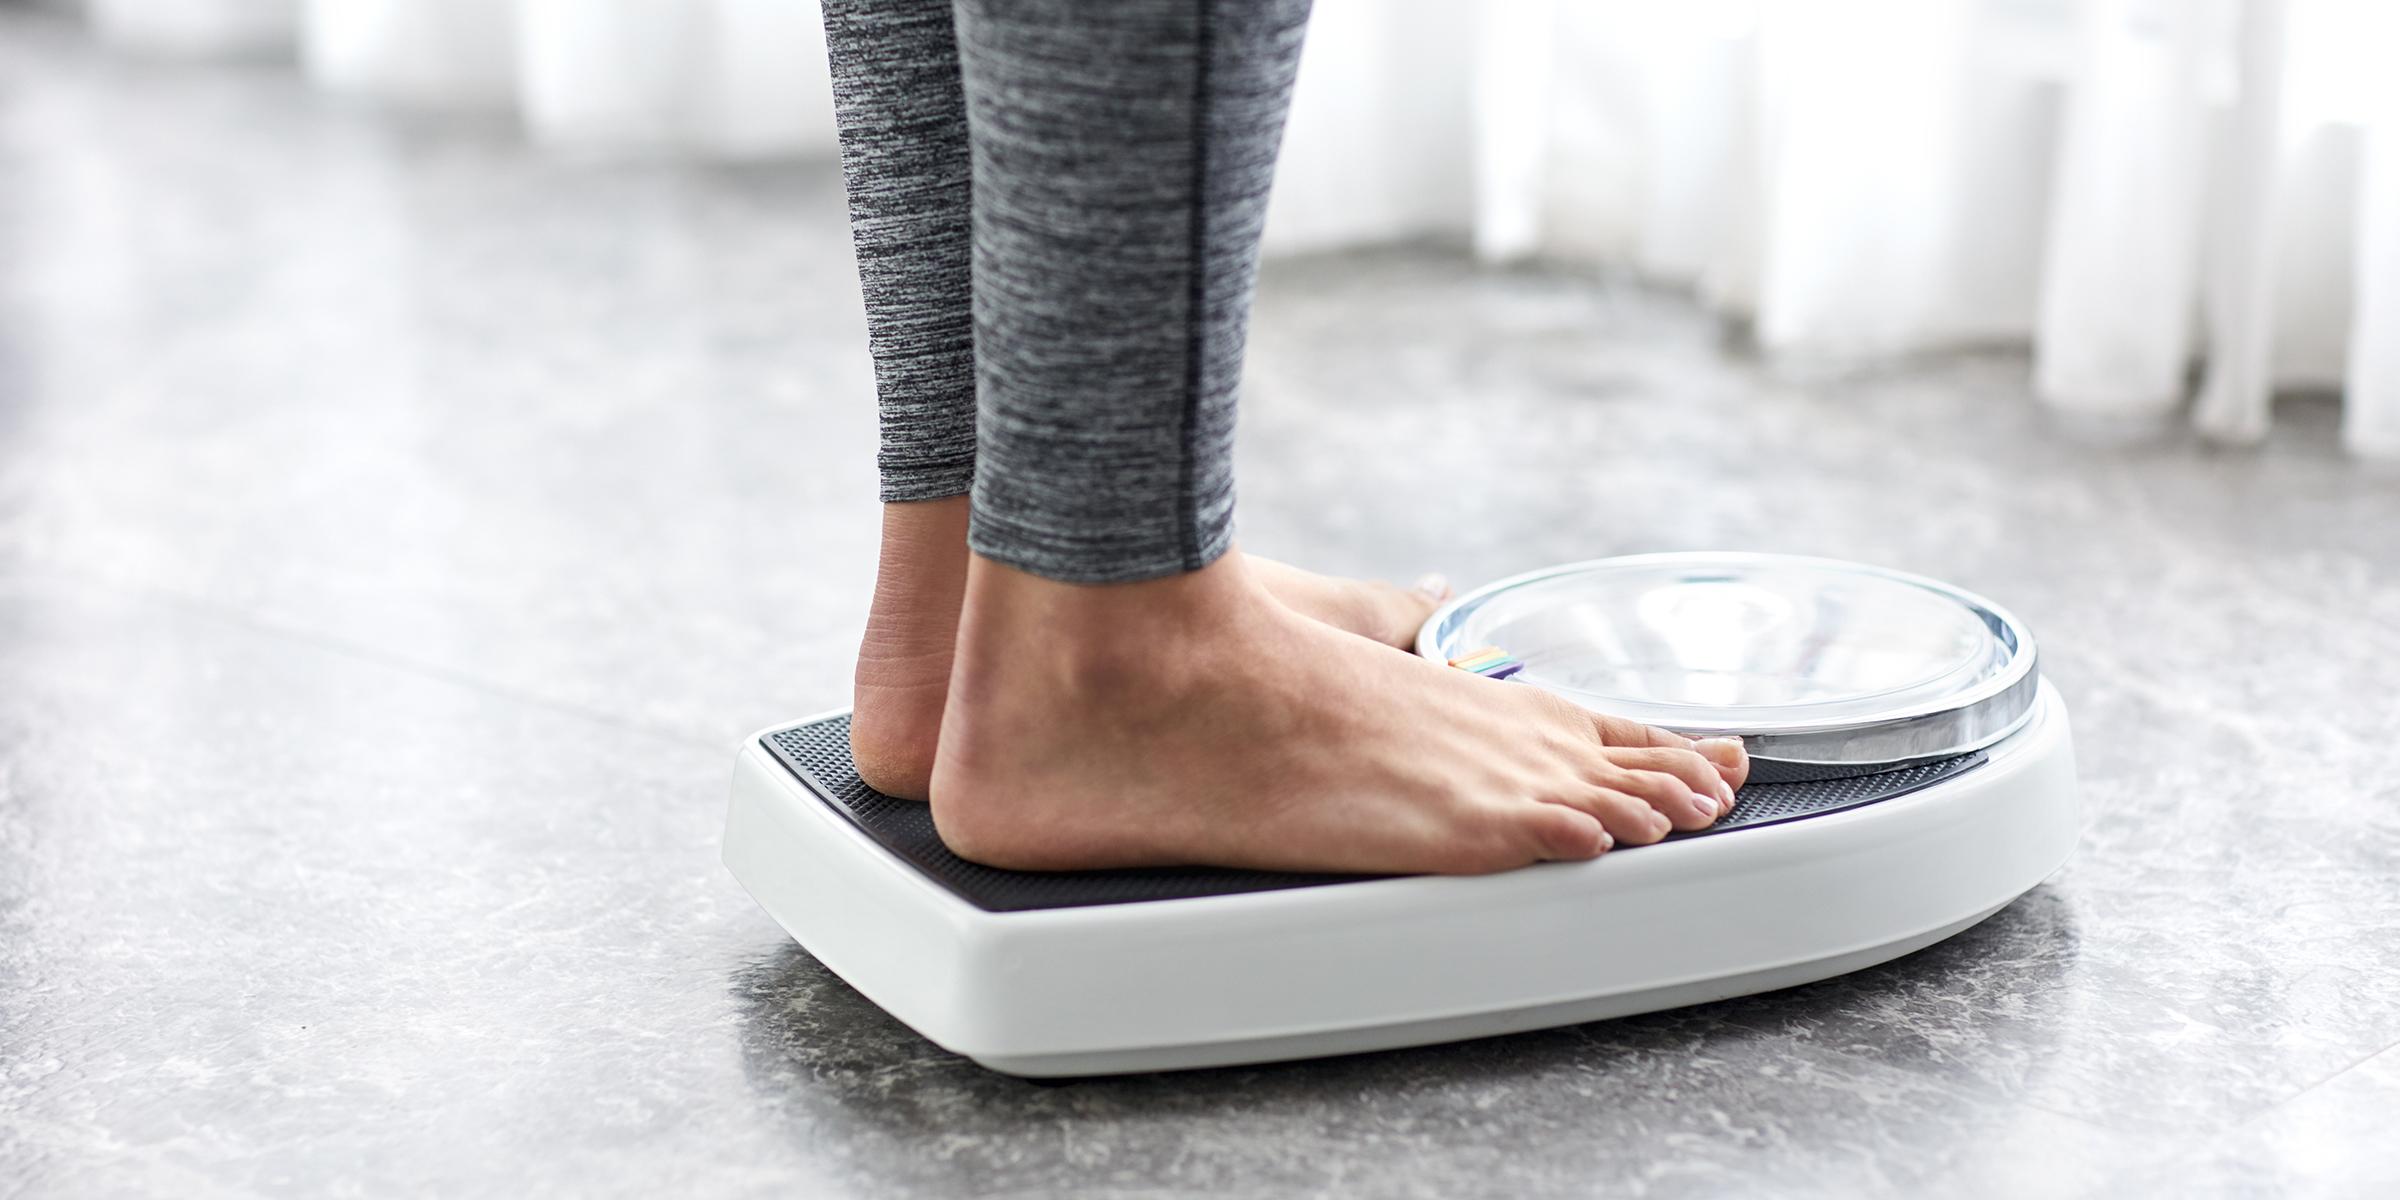 The Best Digital Bathroom Scales Of 2020